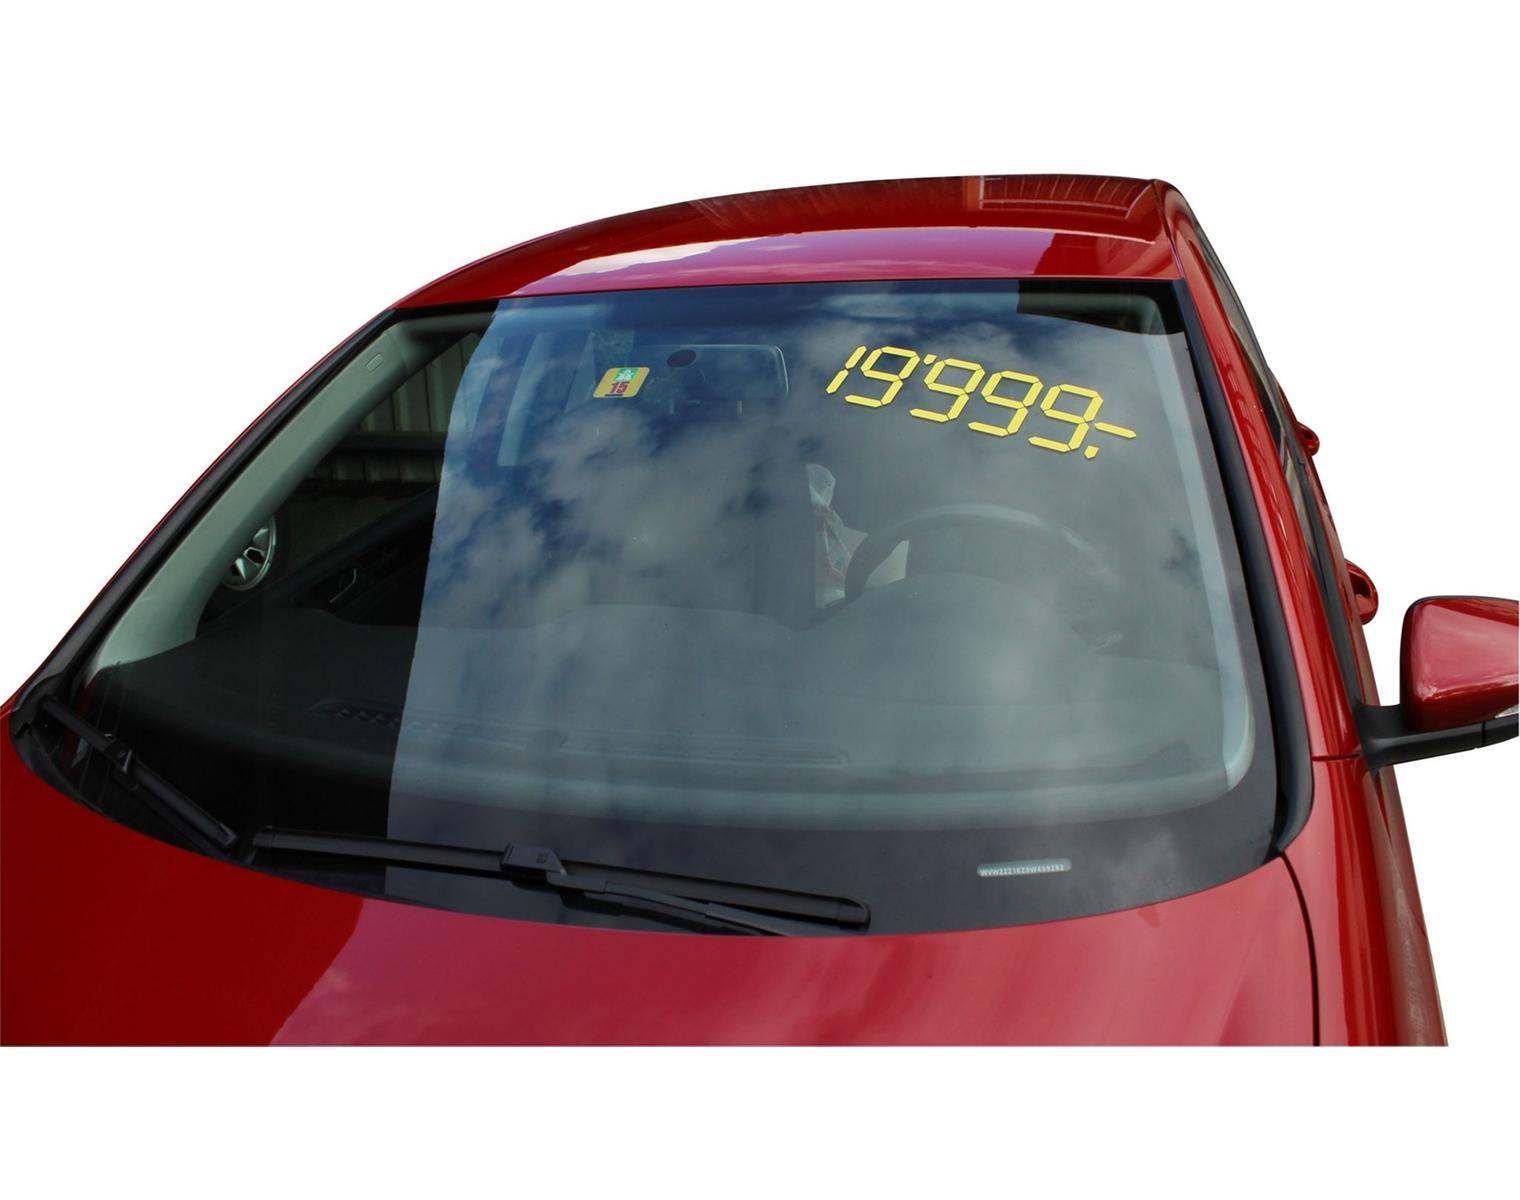 Autocollants De Prix Vente De Voitures, 40 X 12 Cm, Jaune à Le Jeu De La Voiture Jaune